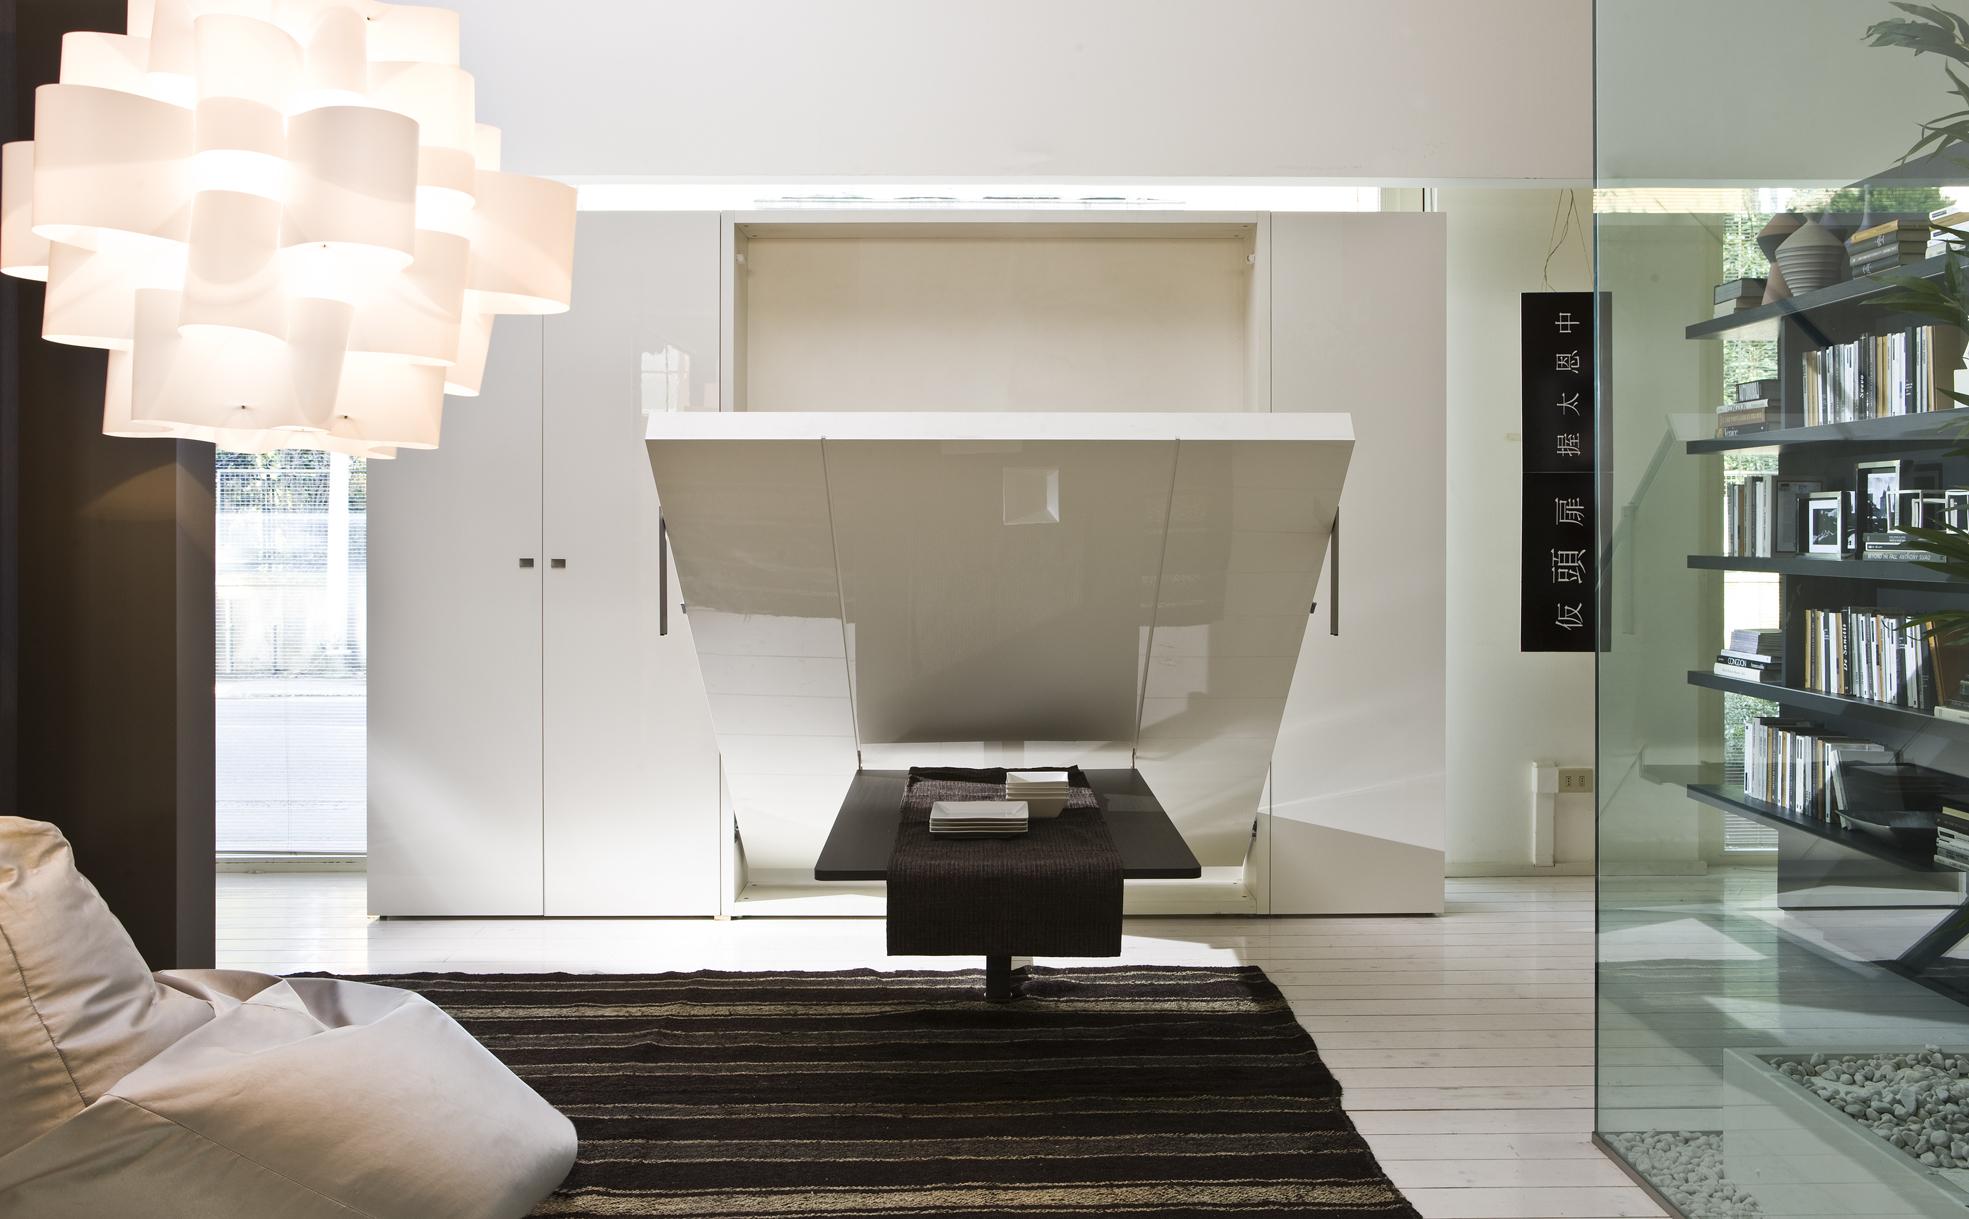 Как сэкономить место в комнате: интересные идеи